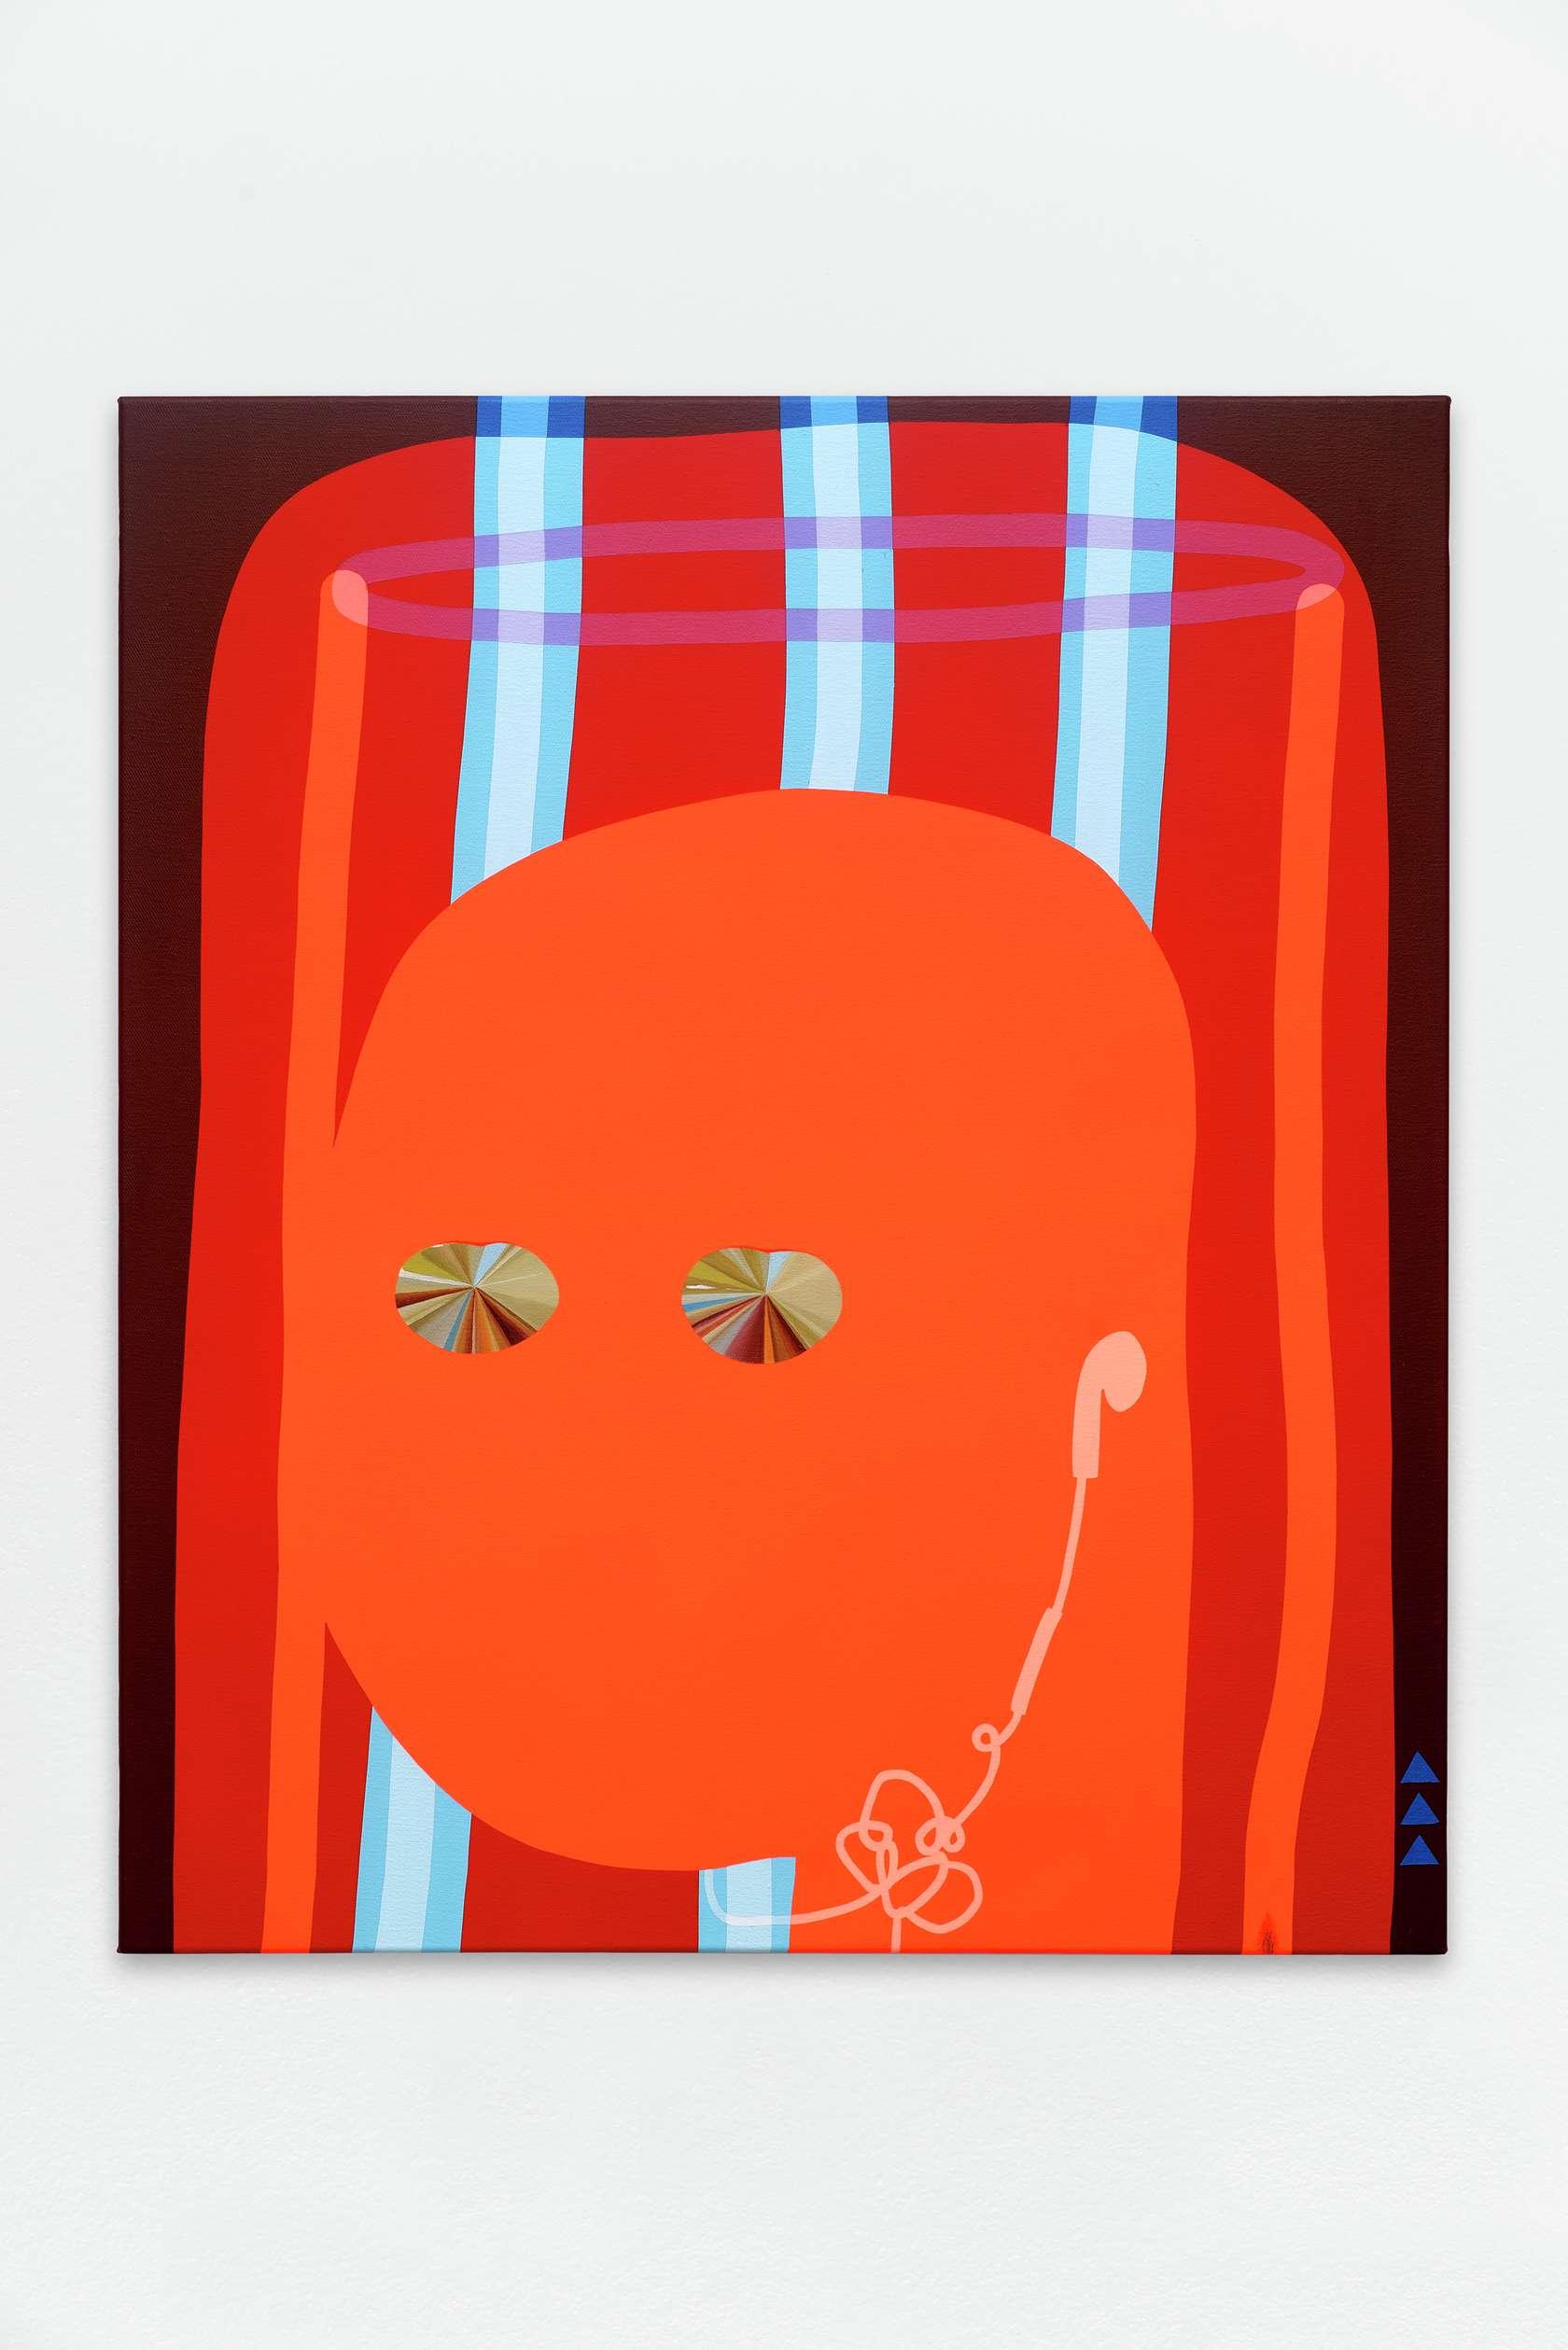 Oli Epp, Sun Angel 3000, 2017 Huile, acrylique et peinture aérosol sur toile95 × 81 cm / 37 3/8 × 31 7/8 in.